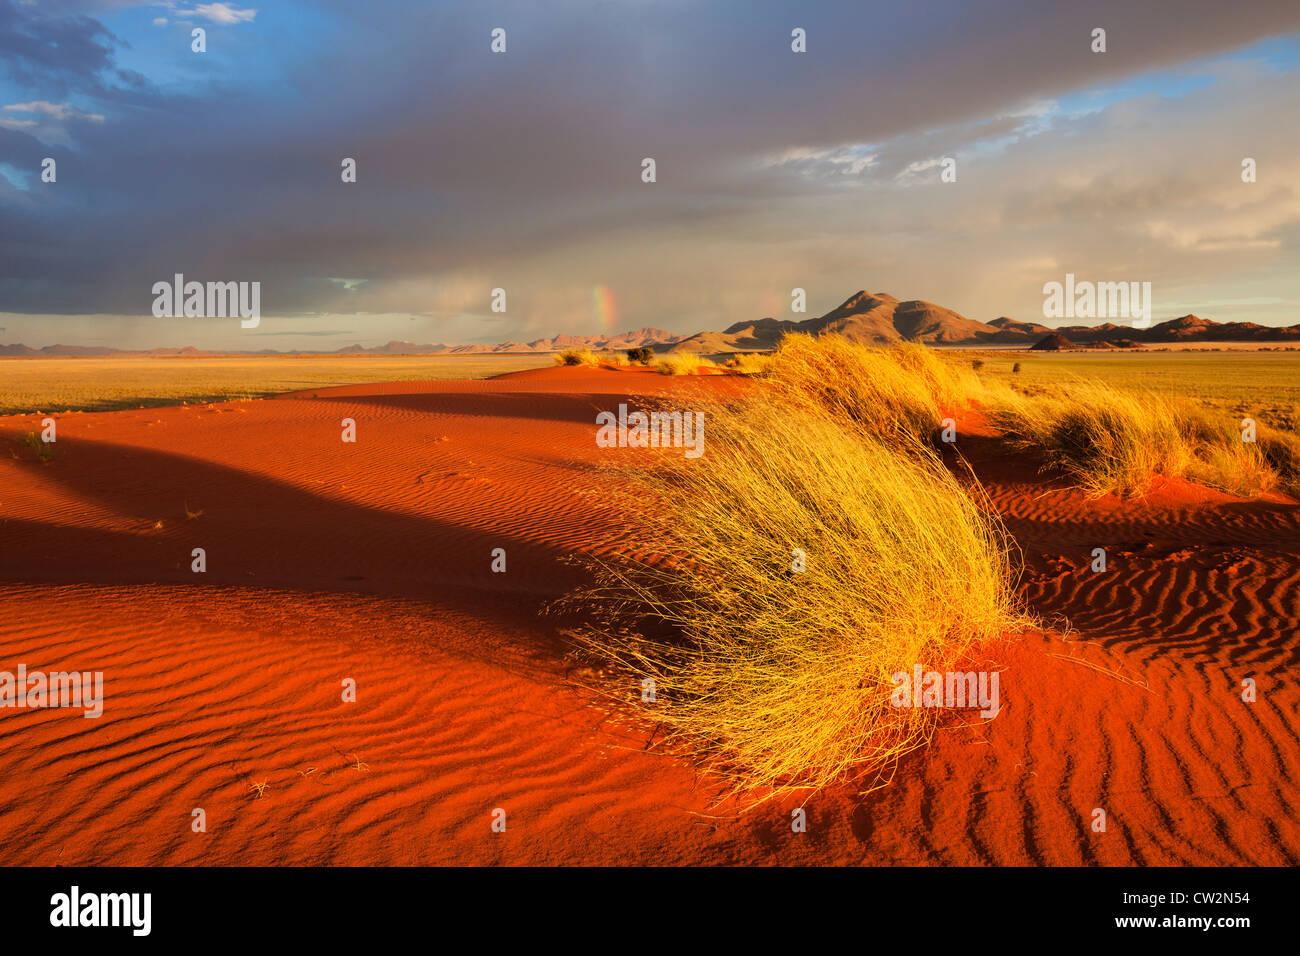 Paysage au coucher du soleil montrant l'écologie unique du sud-ouest du désert du Namib ou pro -le Namib. NamibRand Nature Reserve, Namibie Banque D'Images